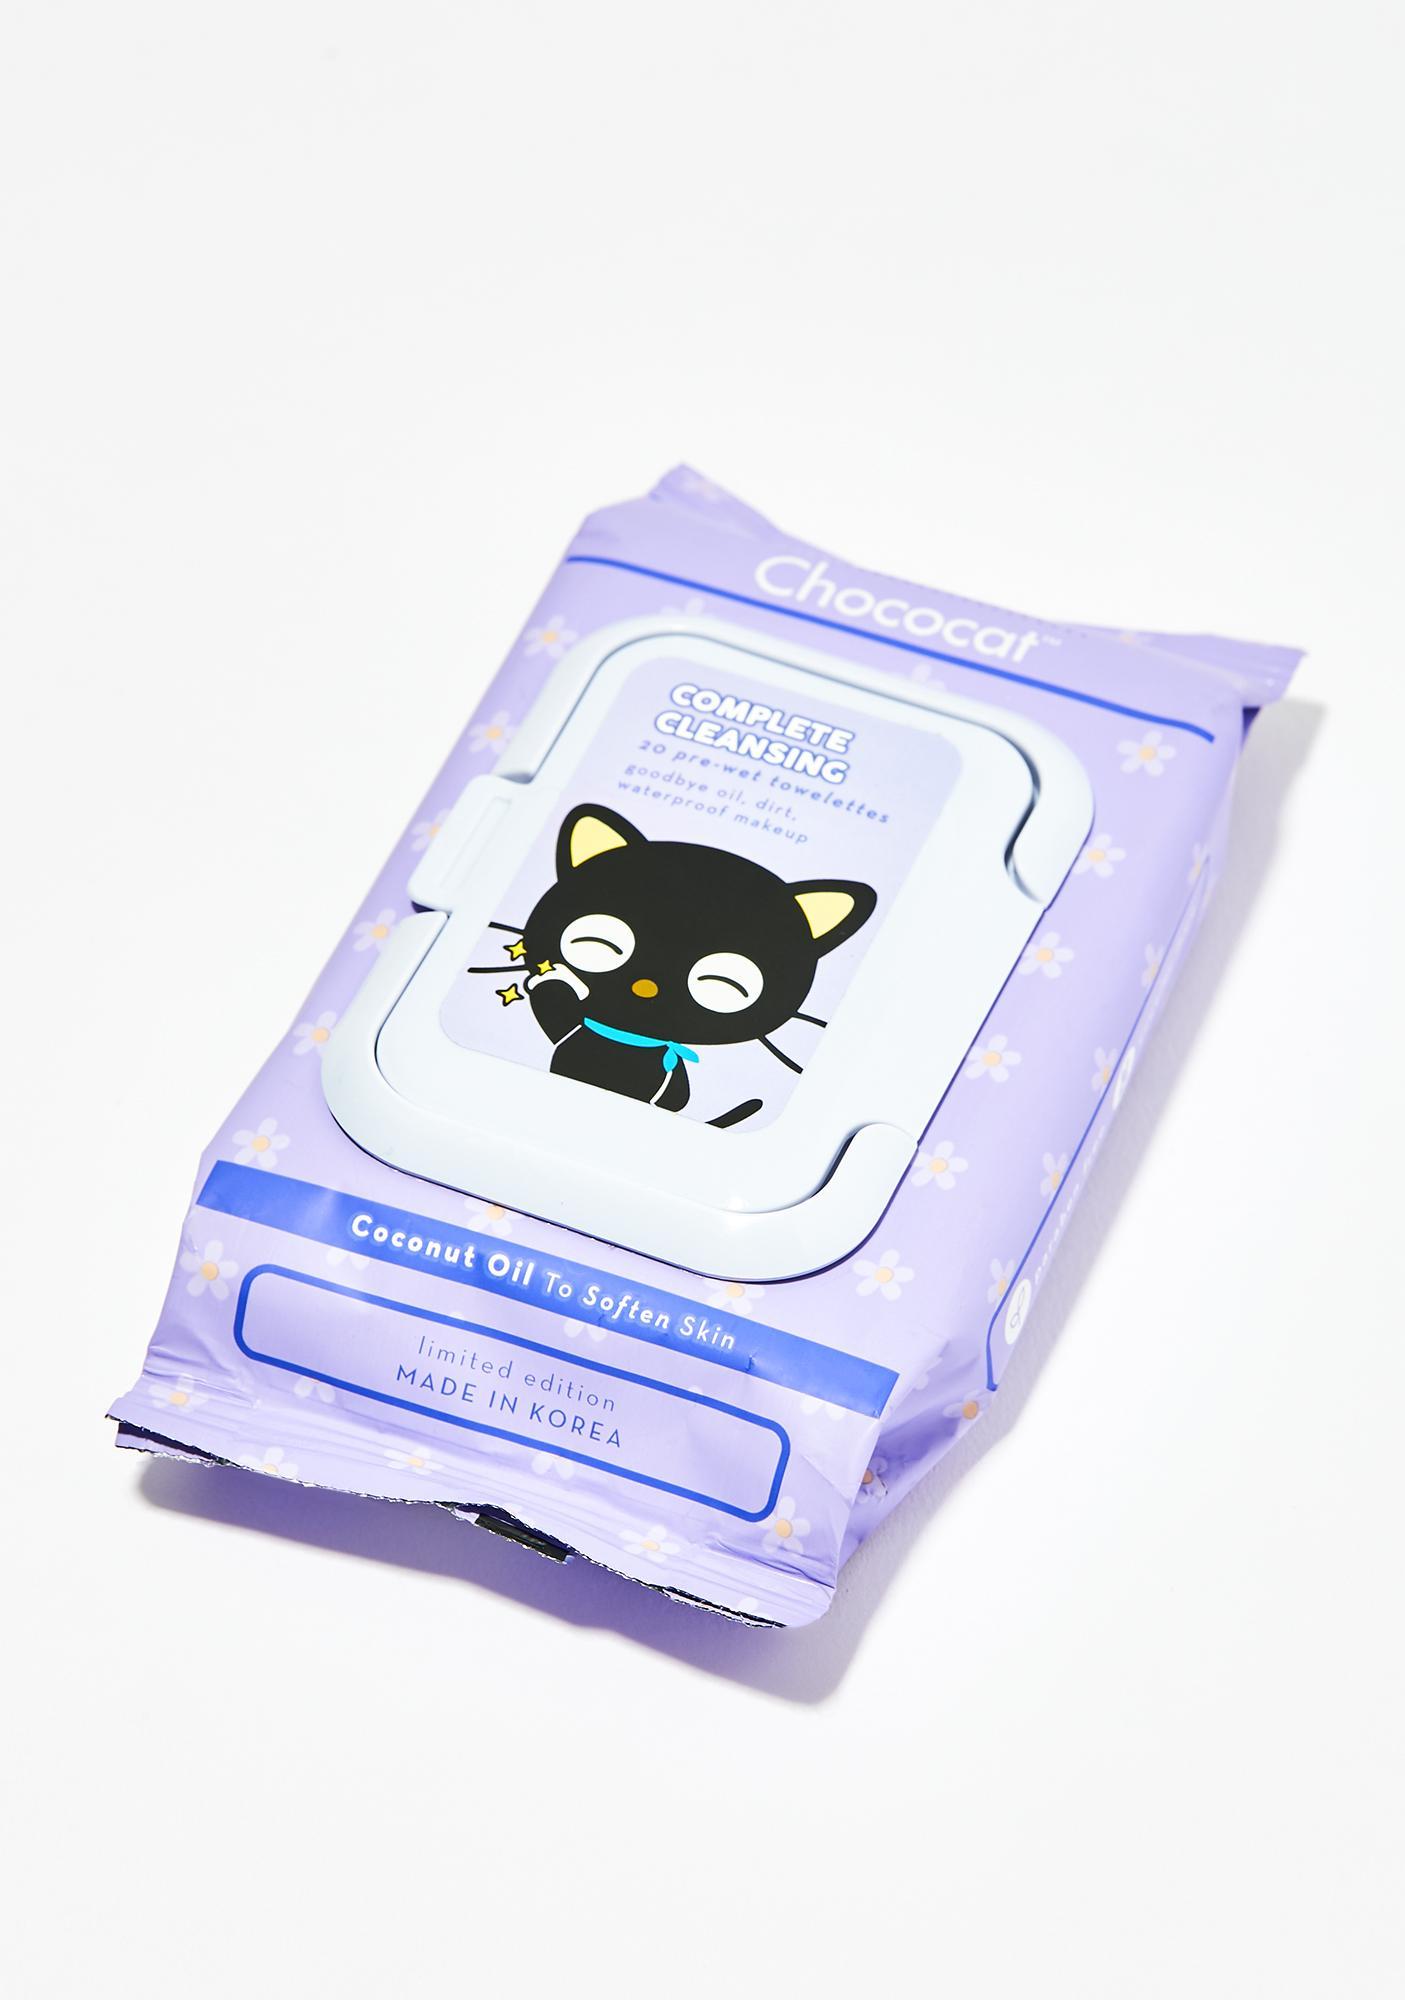 The Crème Shop Chococat Cleansing Towelettes